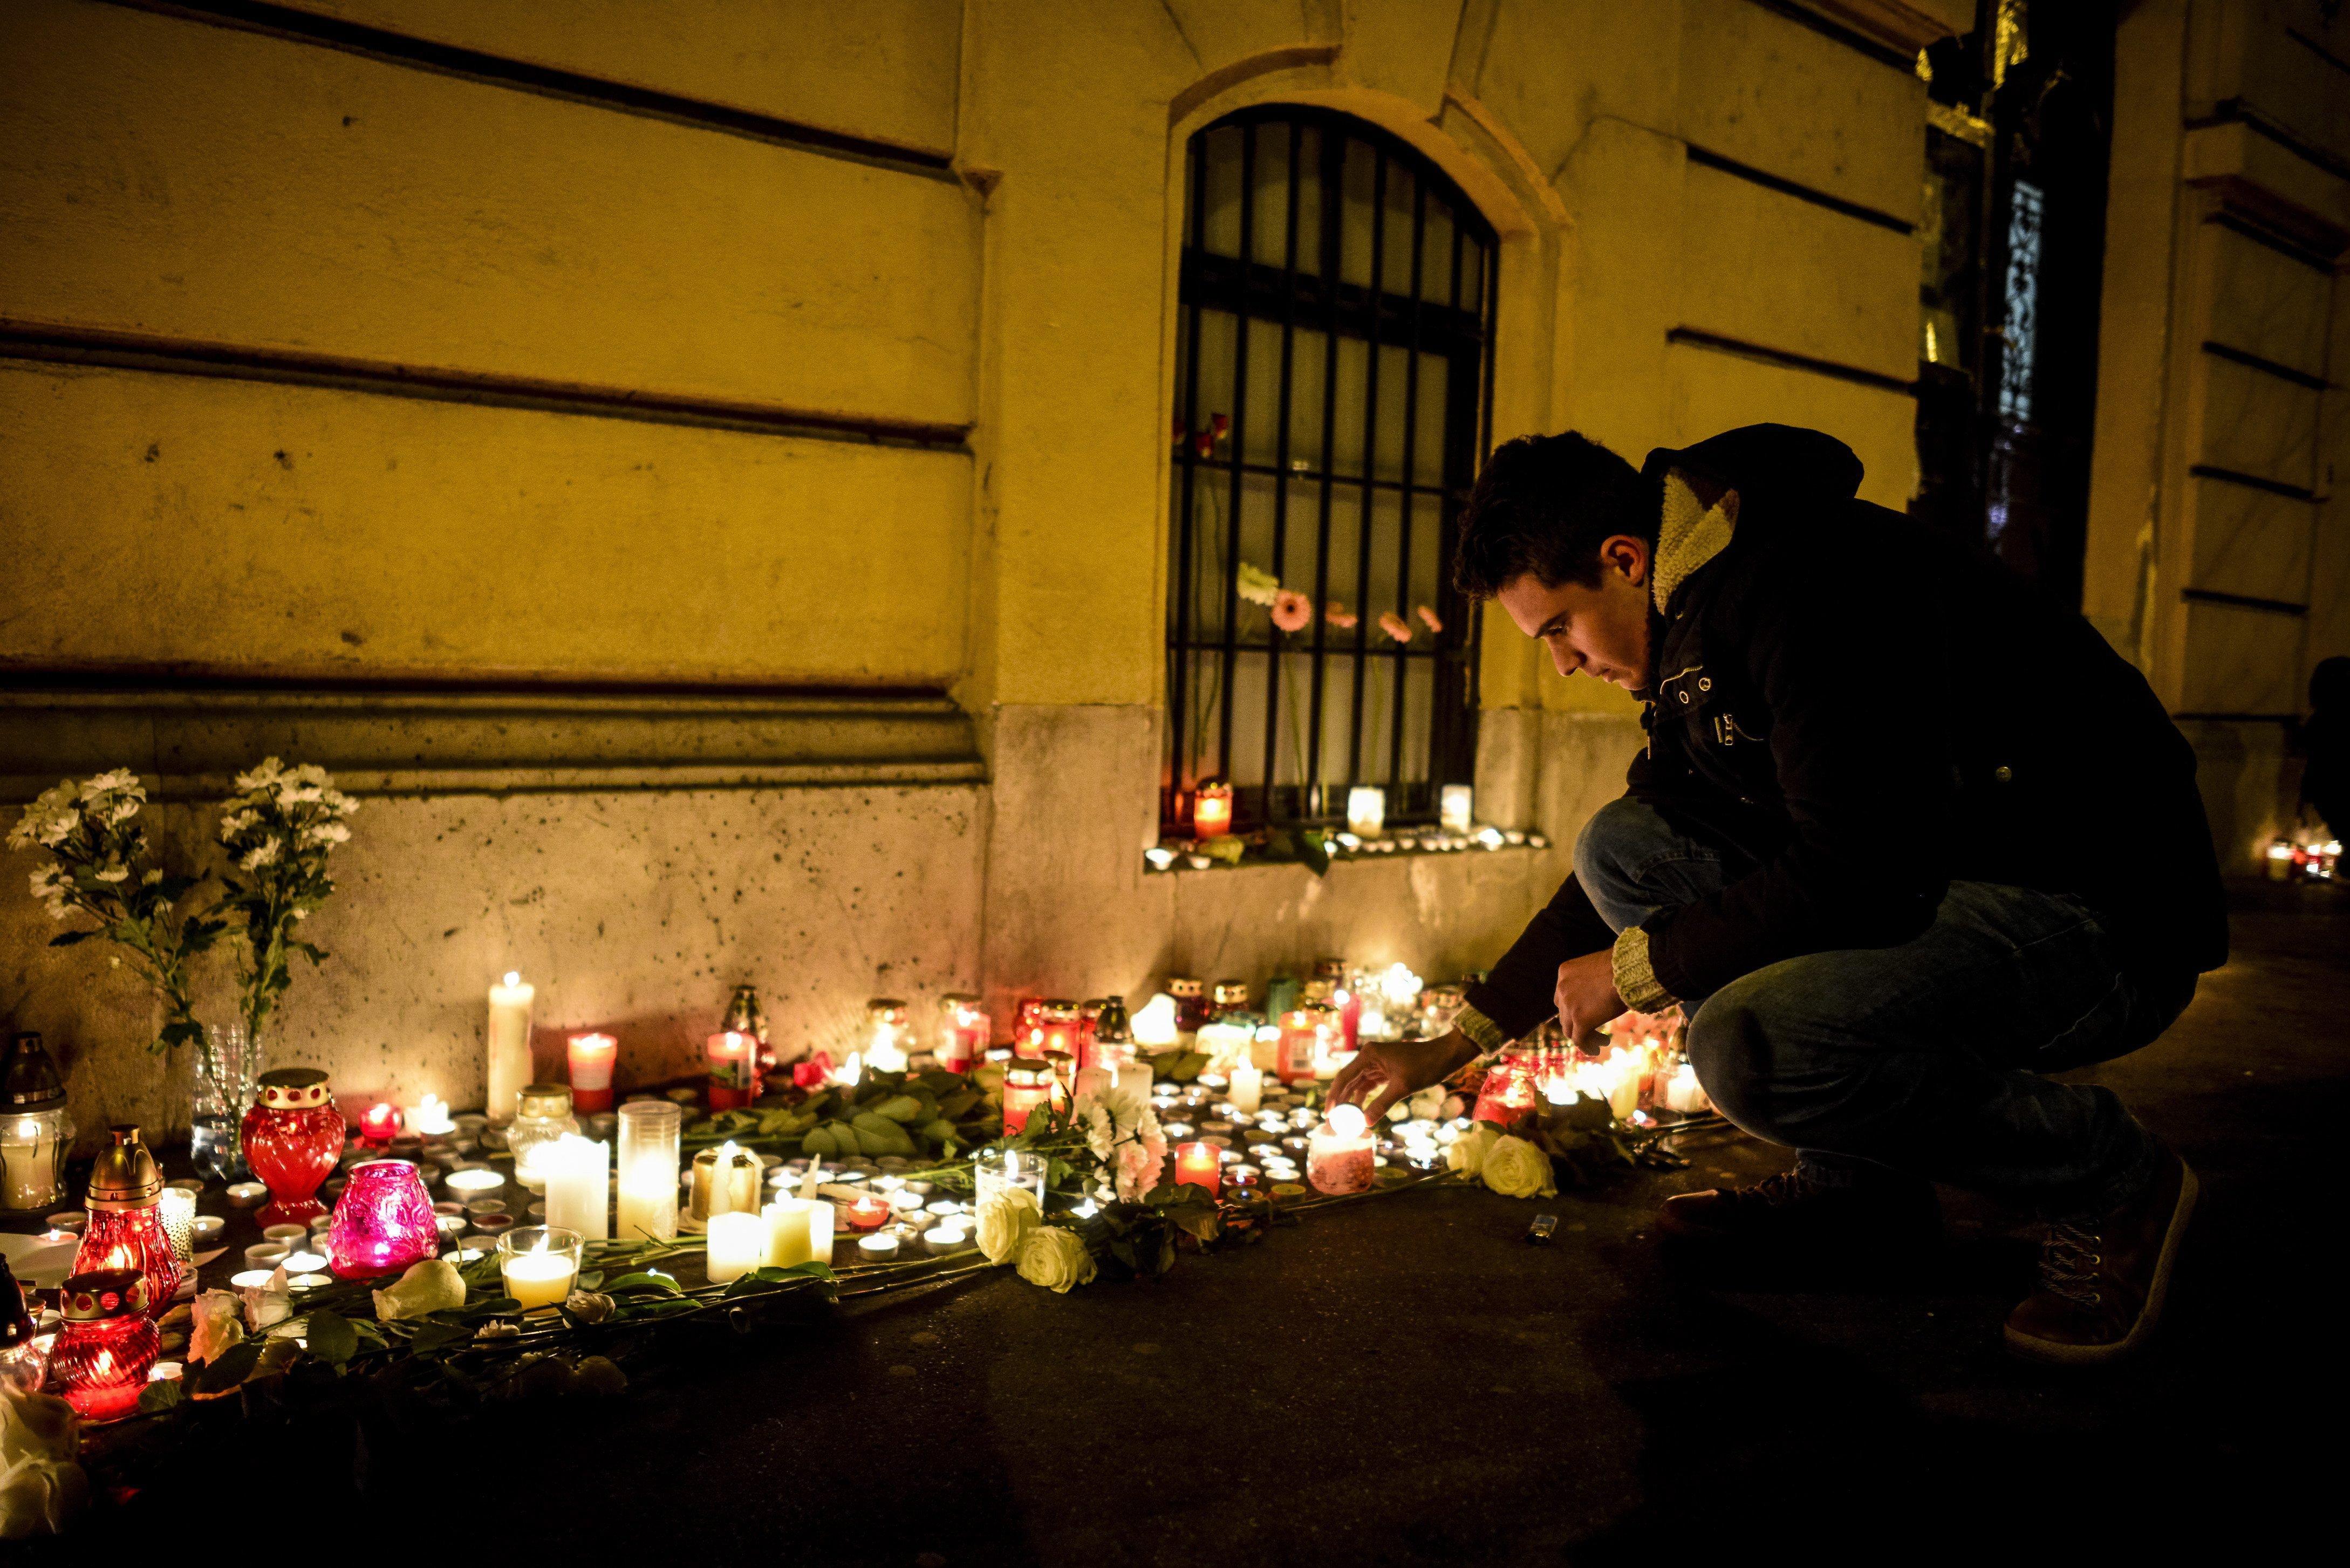 Elhunyt Vígh György, a veronai busztragédia hőse